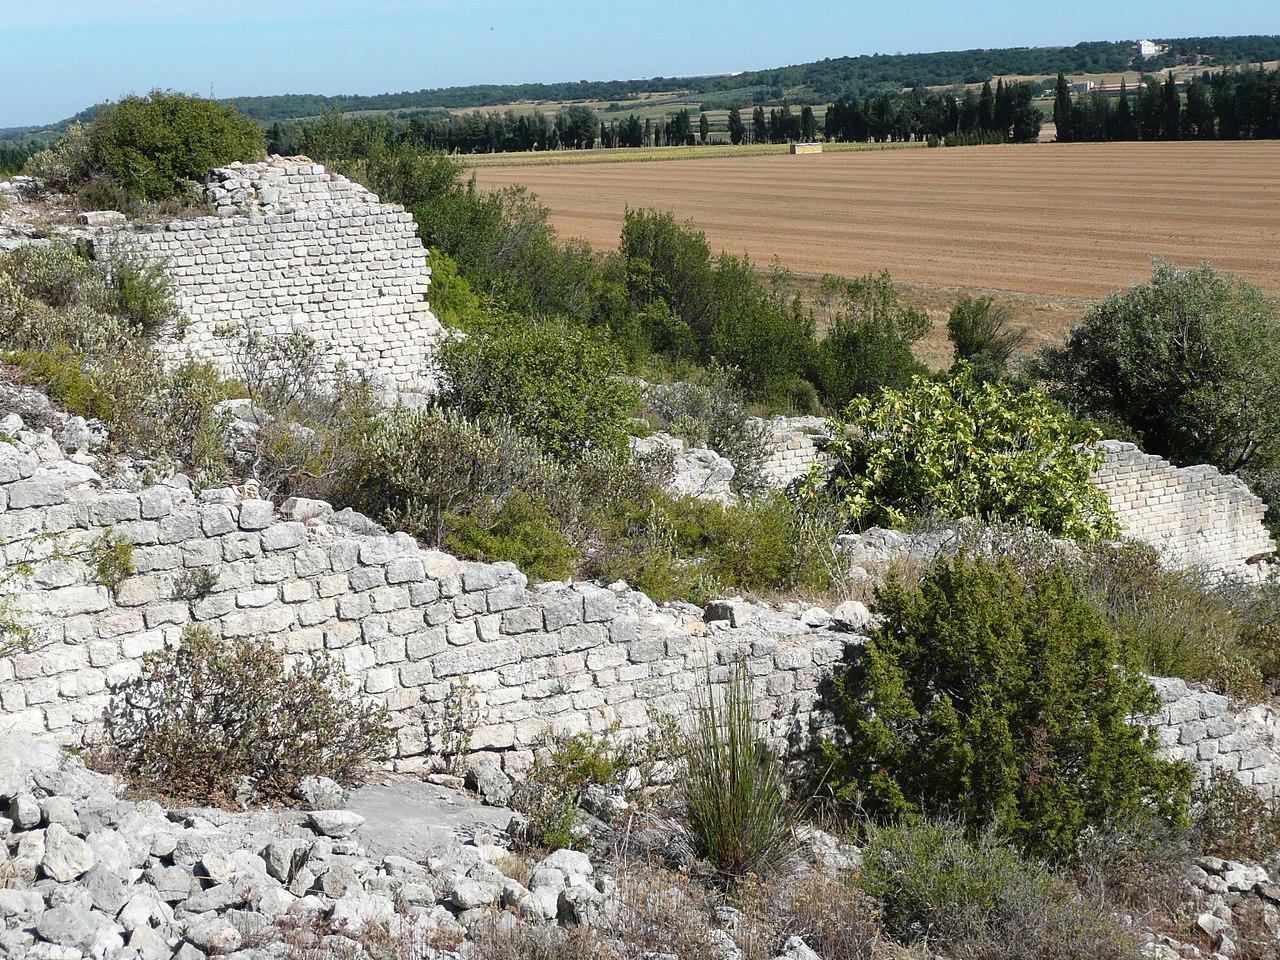 agricoltura e commercio, resti di un mulino romano nel sud della Francia